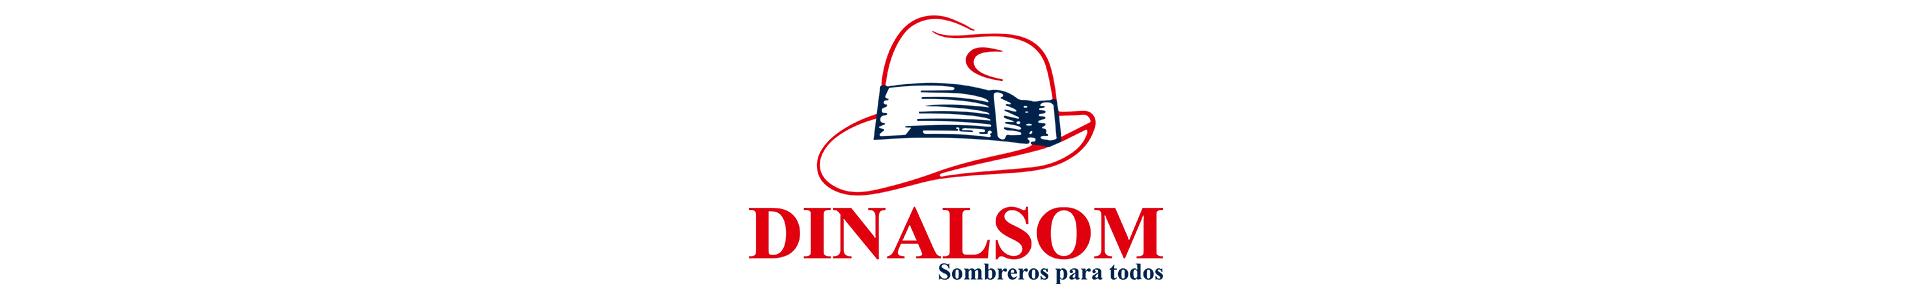 banner dinalsom